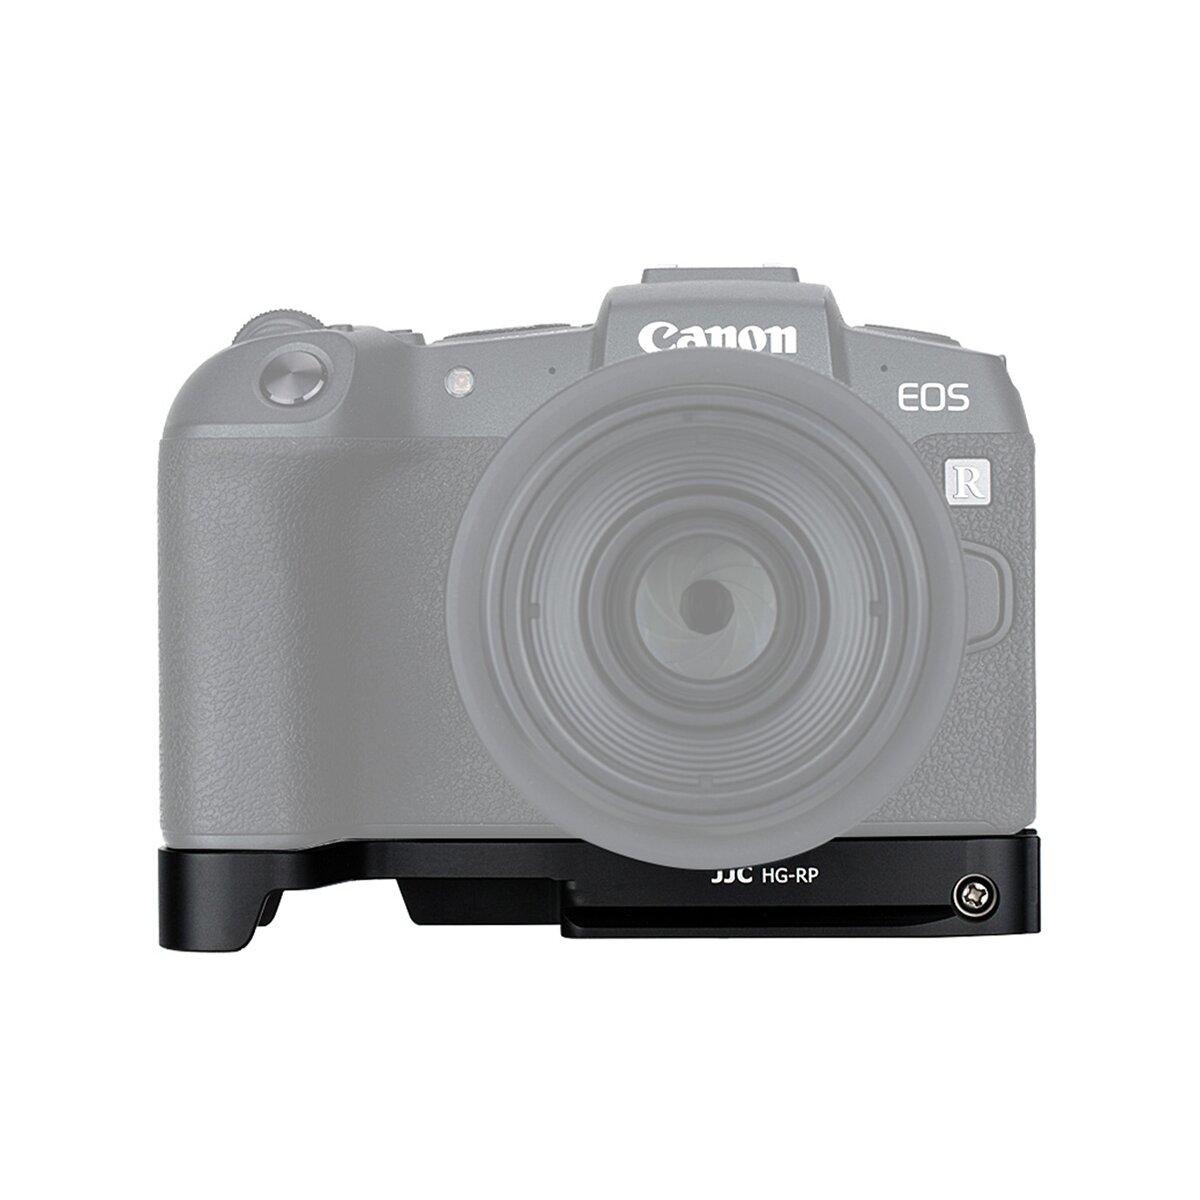 JJC HG-RP Metall Kamera Handgriff | kompatibel für Canon EOS RP | Arca-Swiss-Type Schnellwechselplatte | Hochwertige Alu-Legierung | Komfortableres Handling | Ersatz für Canon EG-E1